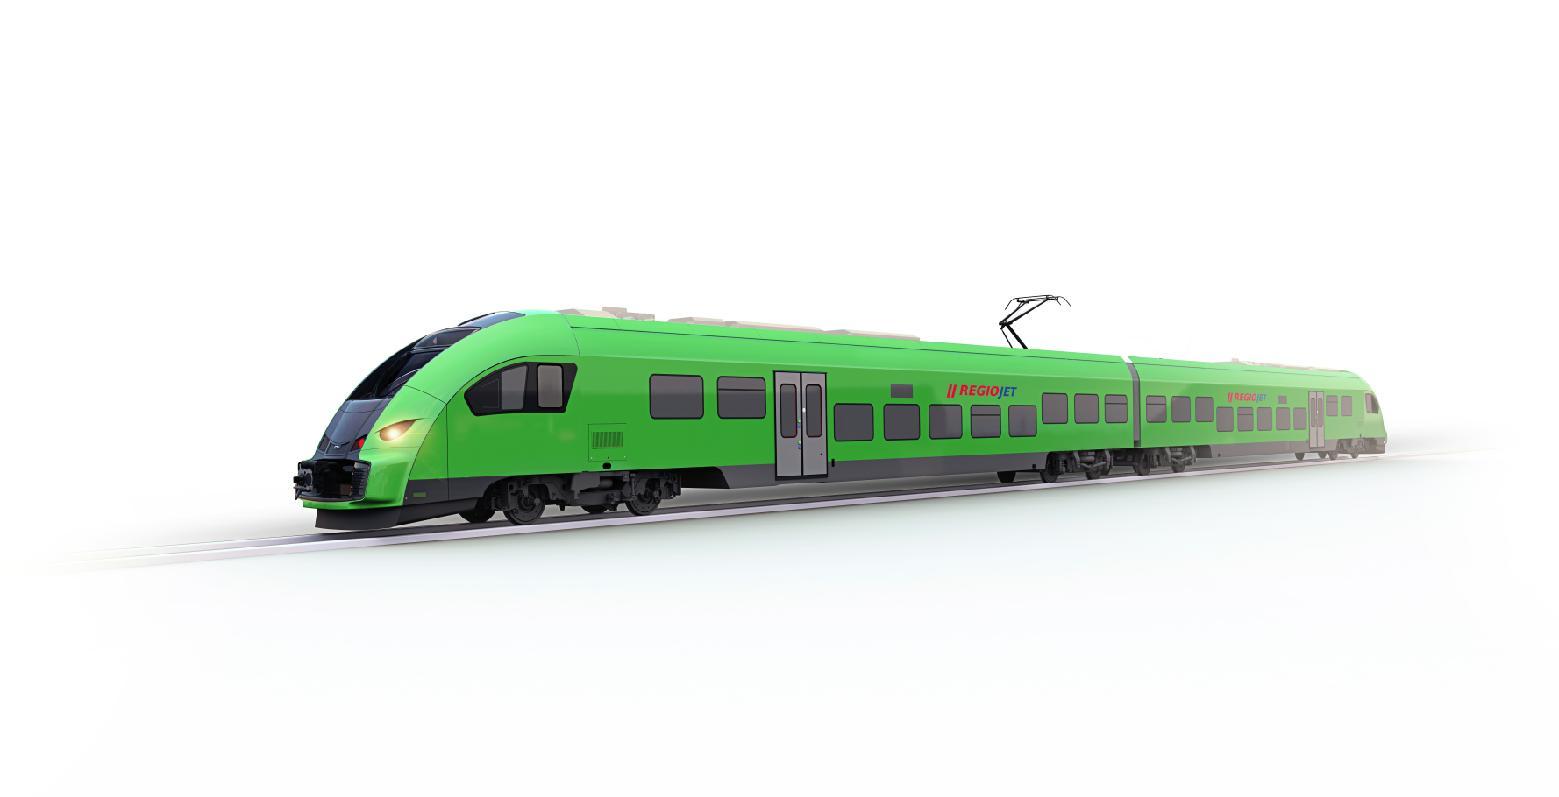 Nové moderní vlaky regiojet